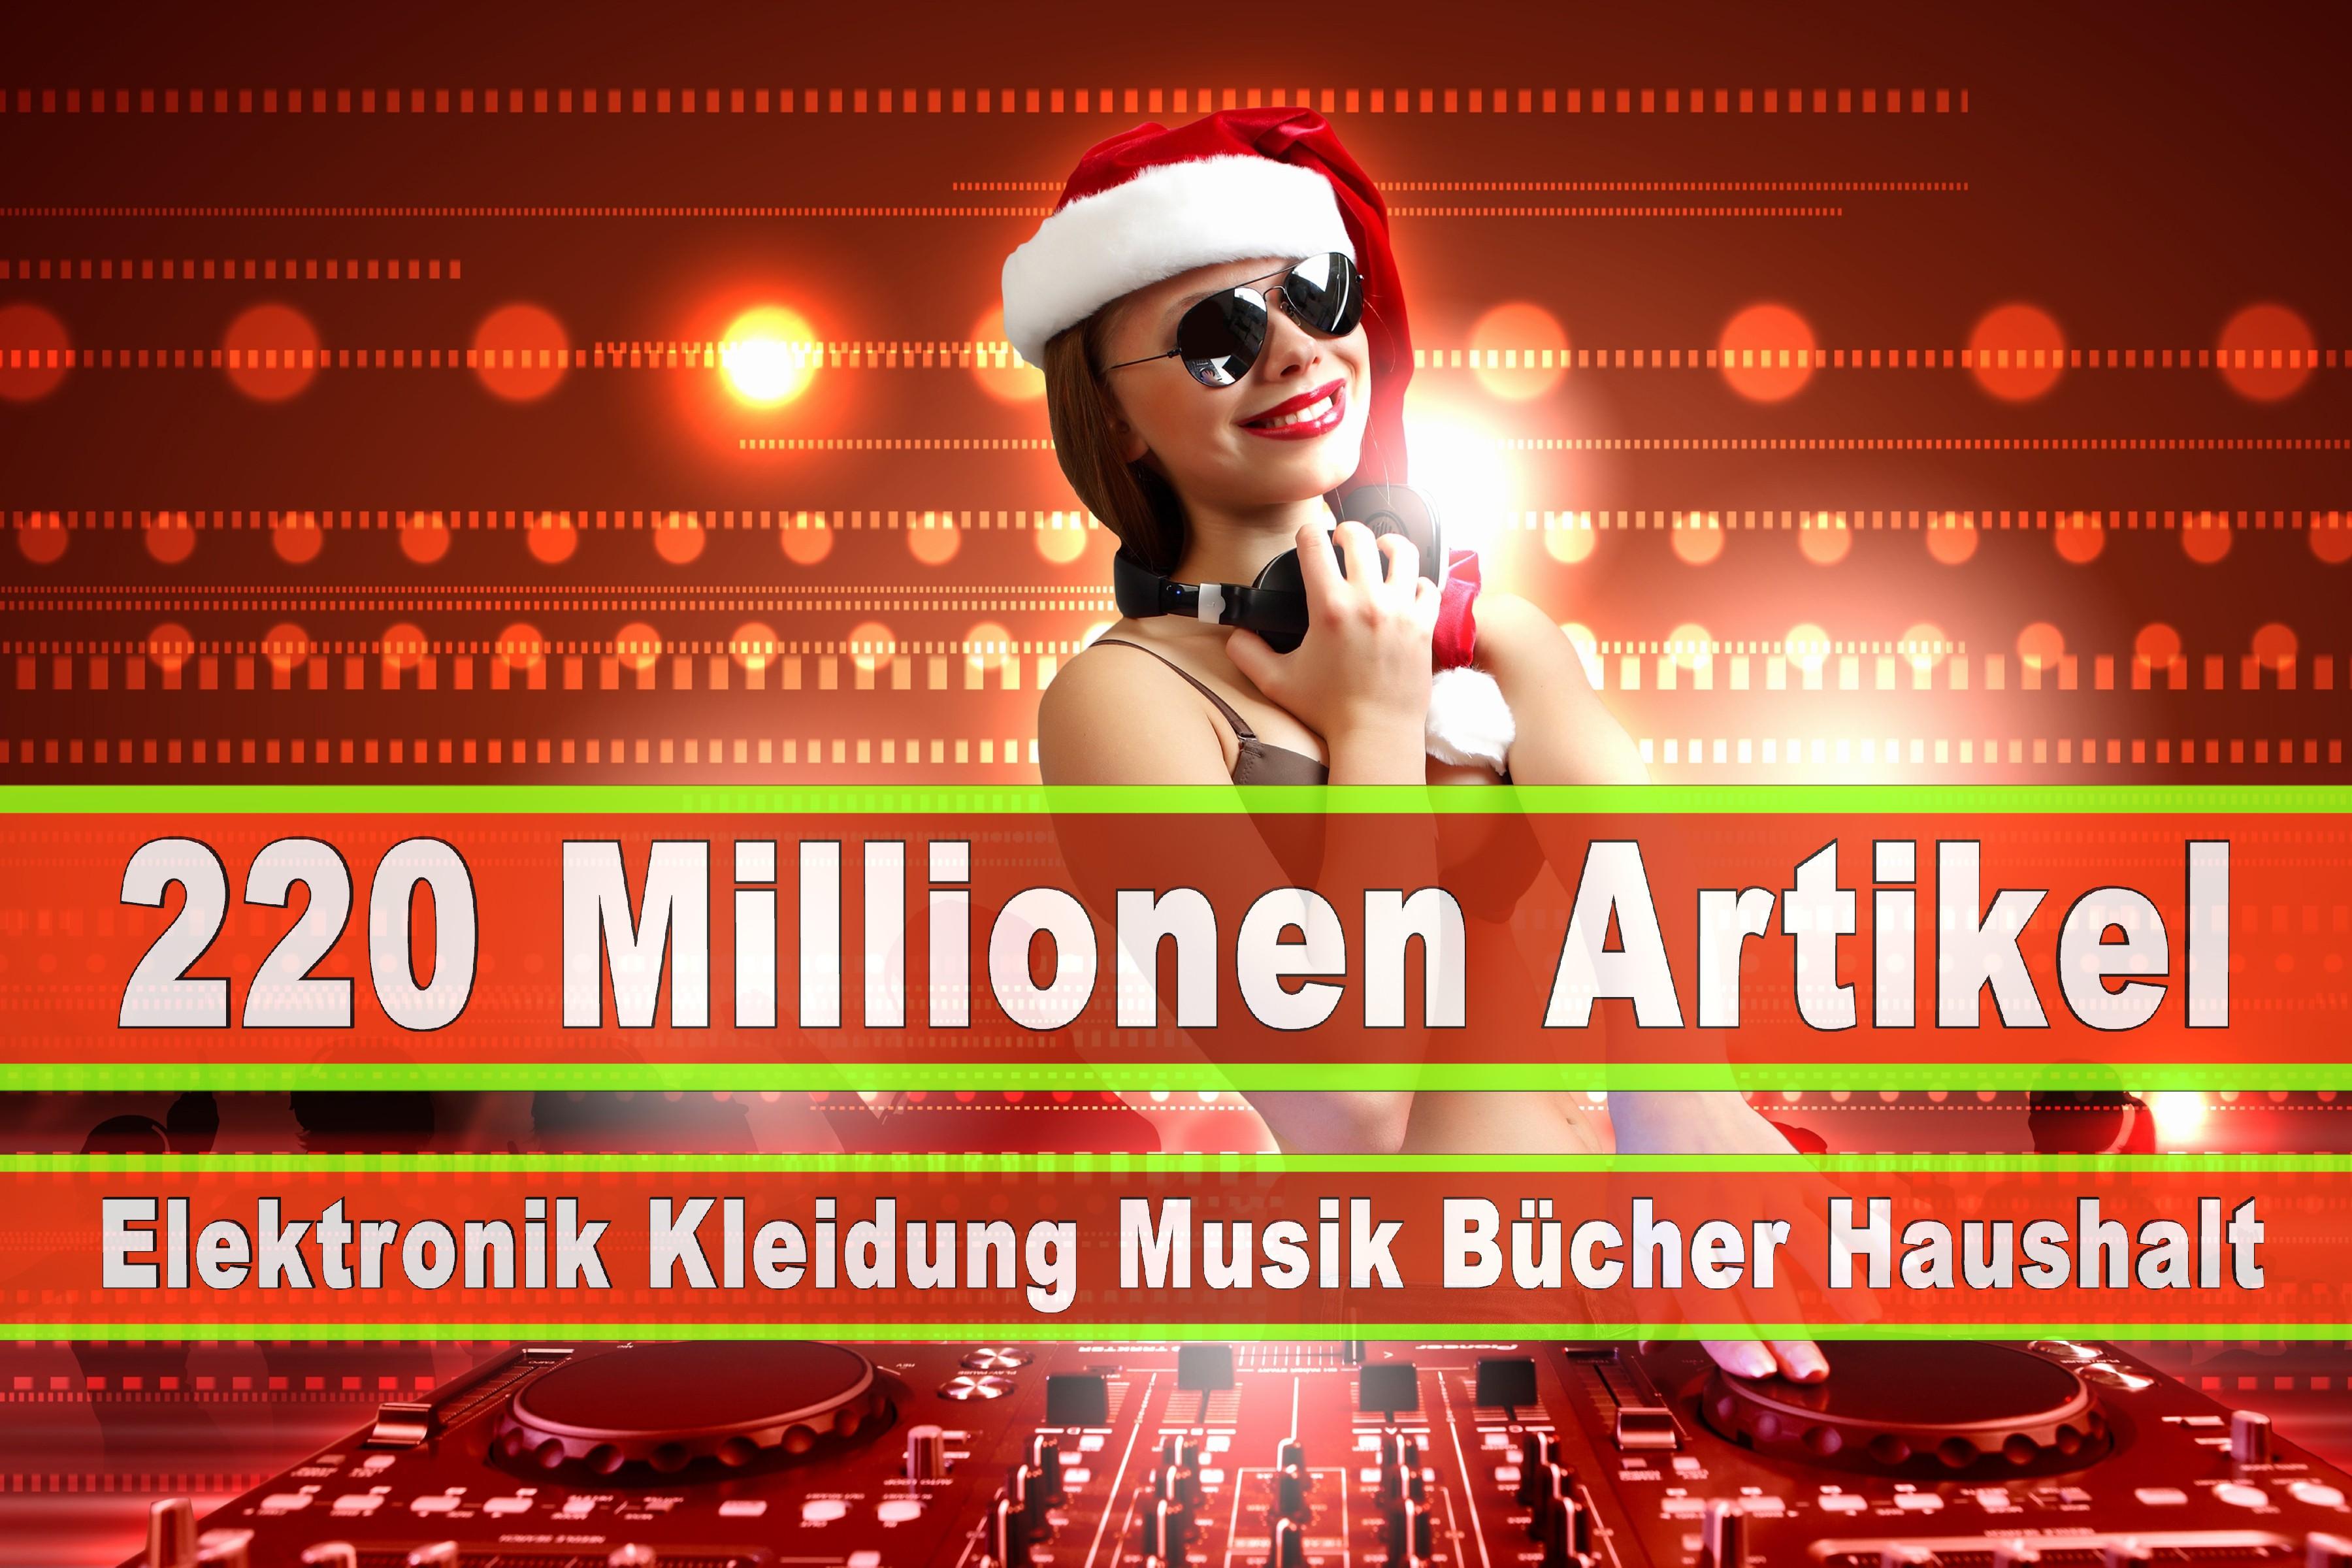 Amazon Elektronik Musik Haushalt Bücher CD DVD Handys Smartphones TV Television Fernseher Kleidung Mode Ebay Versandhaus (219)